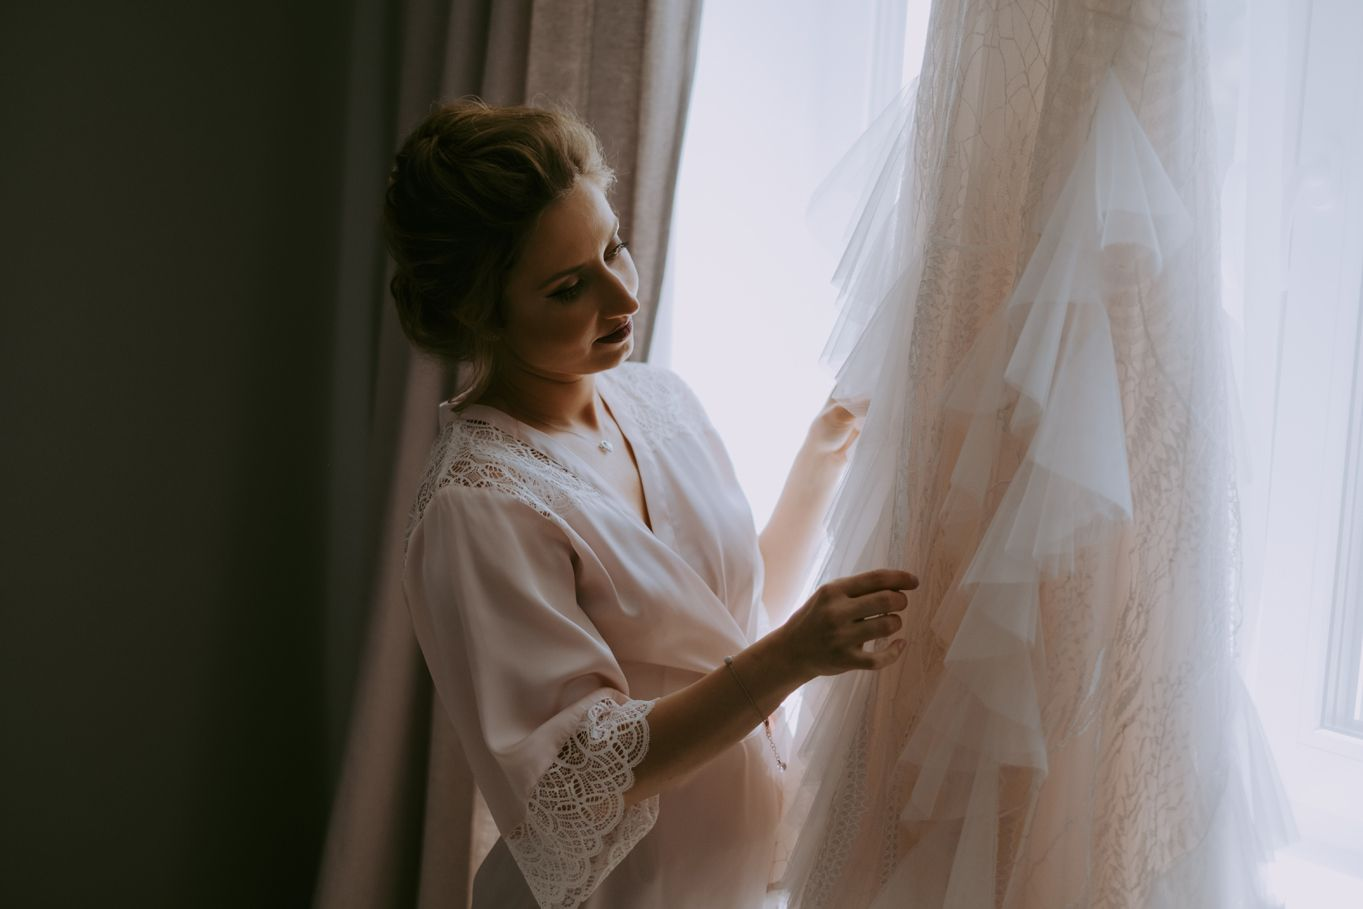 lightveils-wedding-photography-bucharest-romania-floreasca-garden